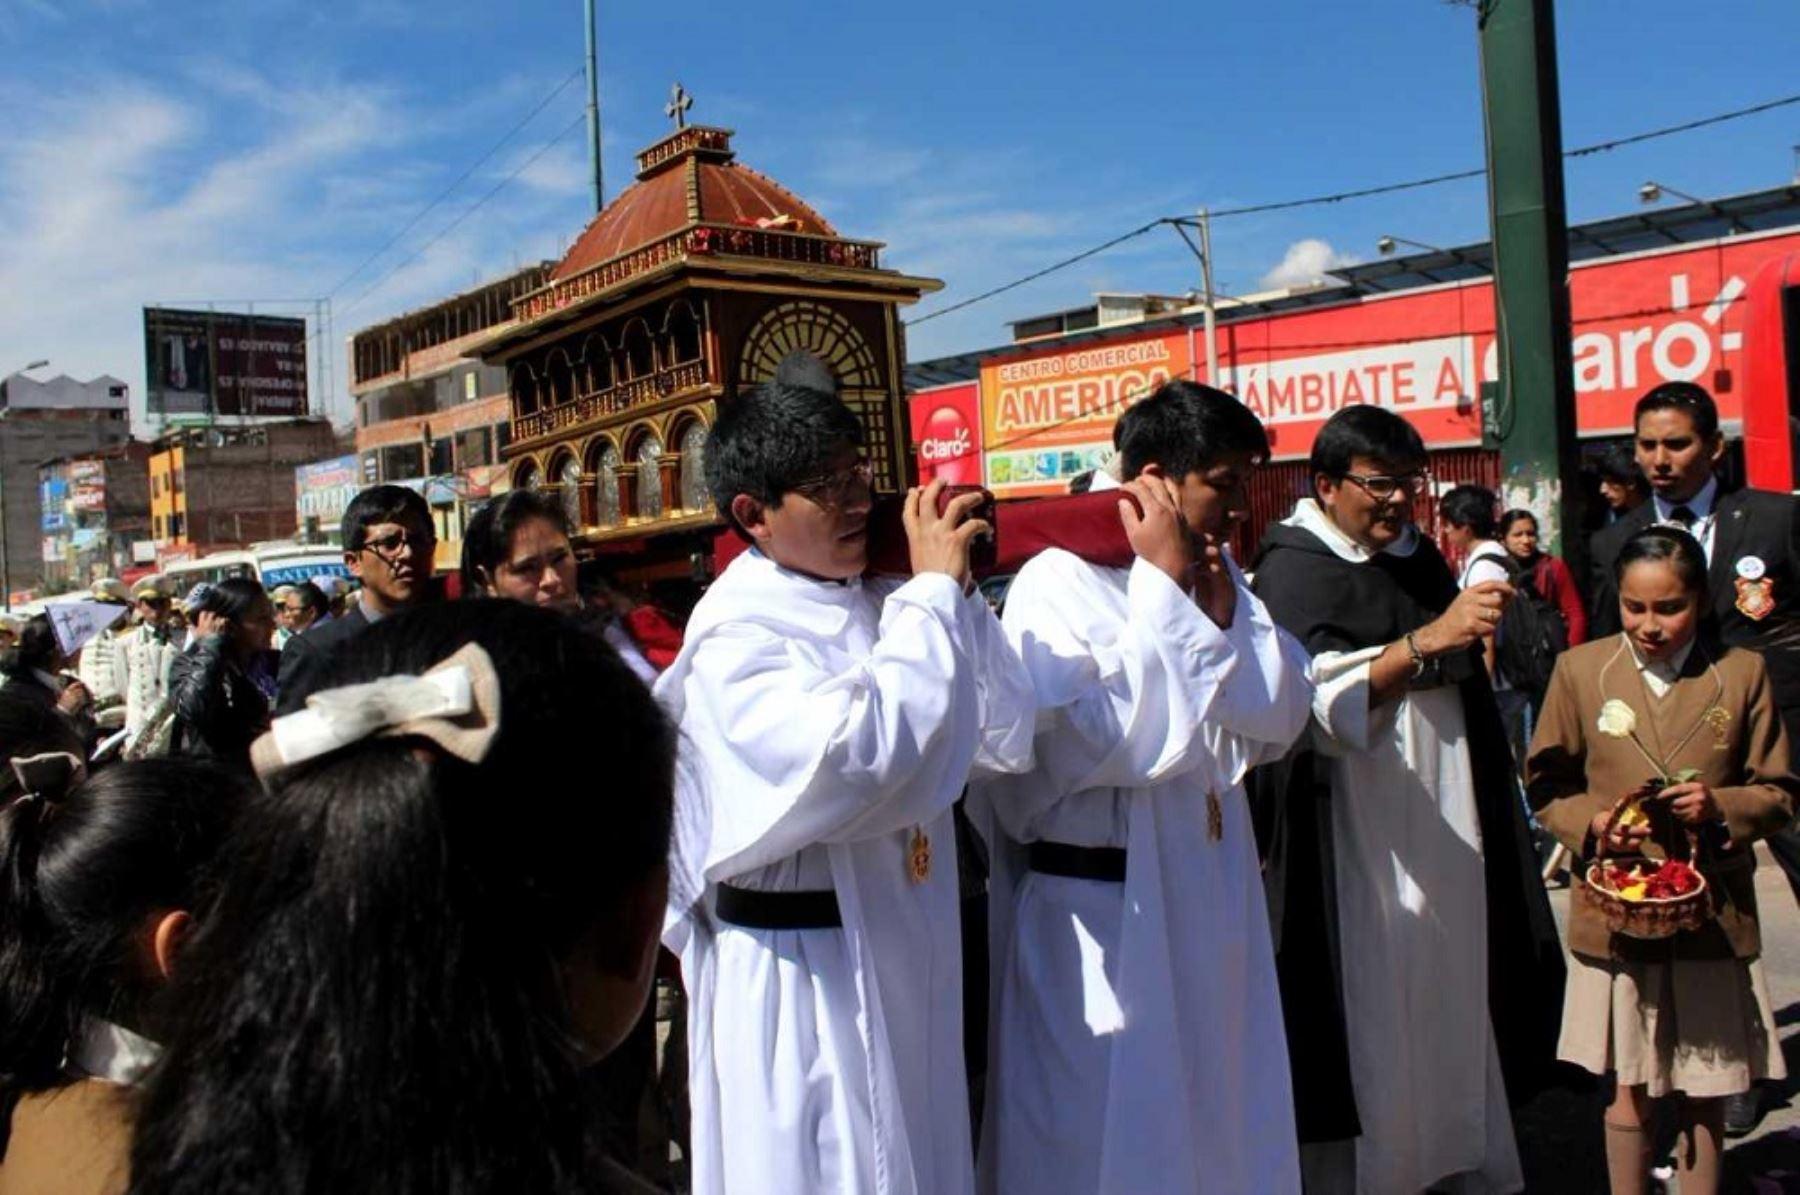 Pobladores, estudiantes de diversos colegios y representantes de la iglesia católica recibieron con gran devoción las reliquias de Santa Rosa de Lima en la ciudad del Cusco, al conmemorarse los 400 años del fallecimiento de la primera santa del Perú, venerada también en toda América y Filipinas.